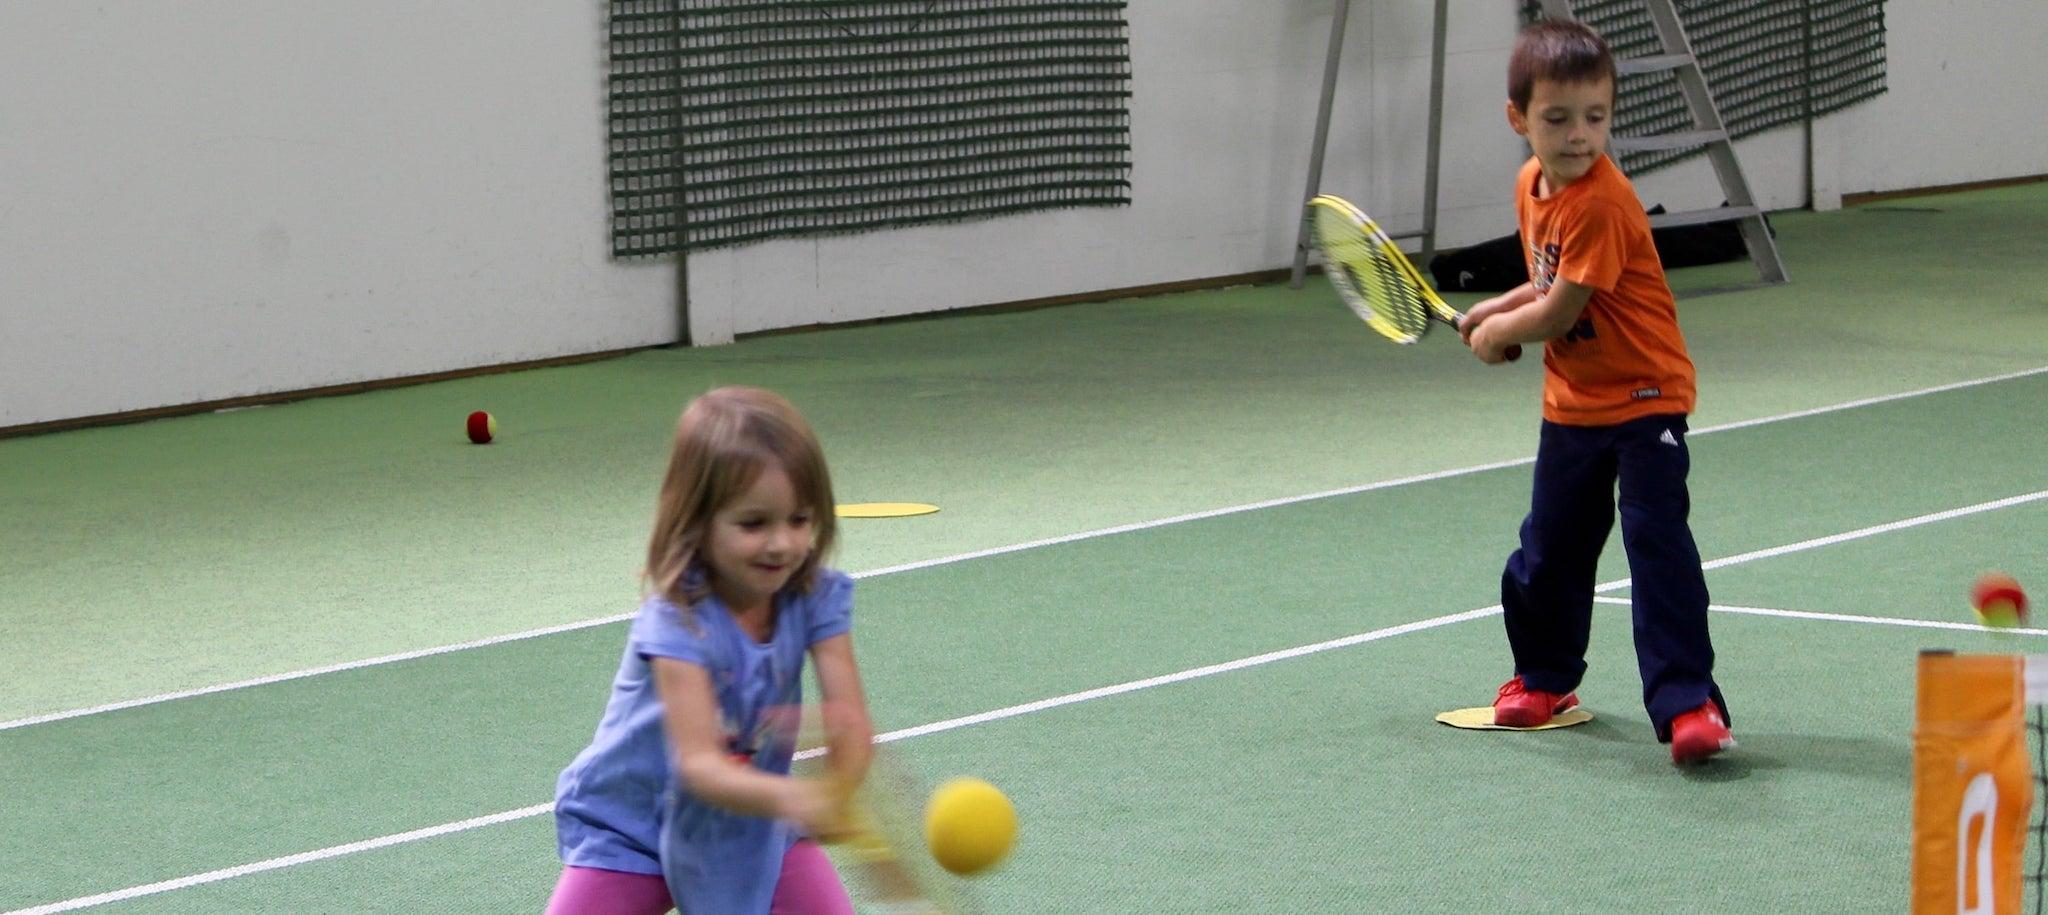 Kleine Kindern beim Tennis spielen